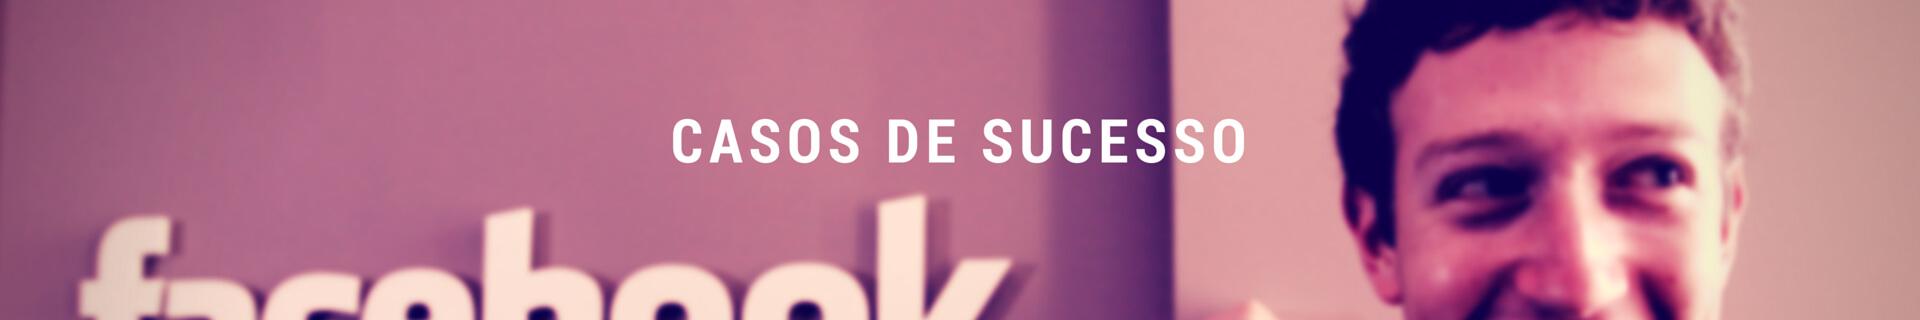 slider-casos-de-sucesso